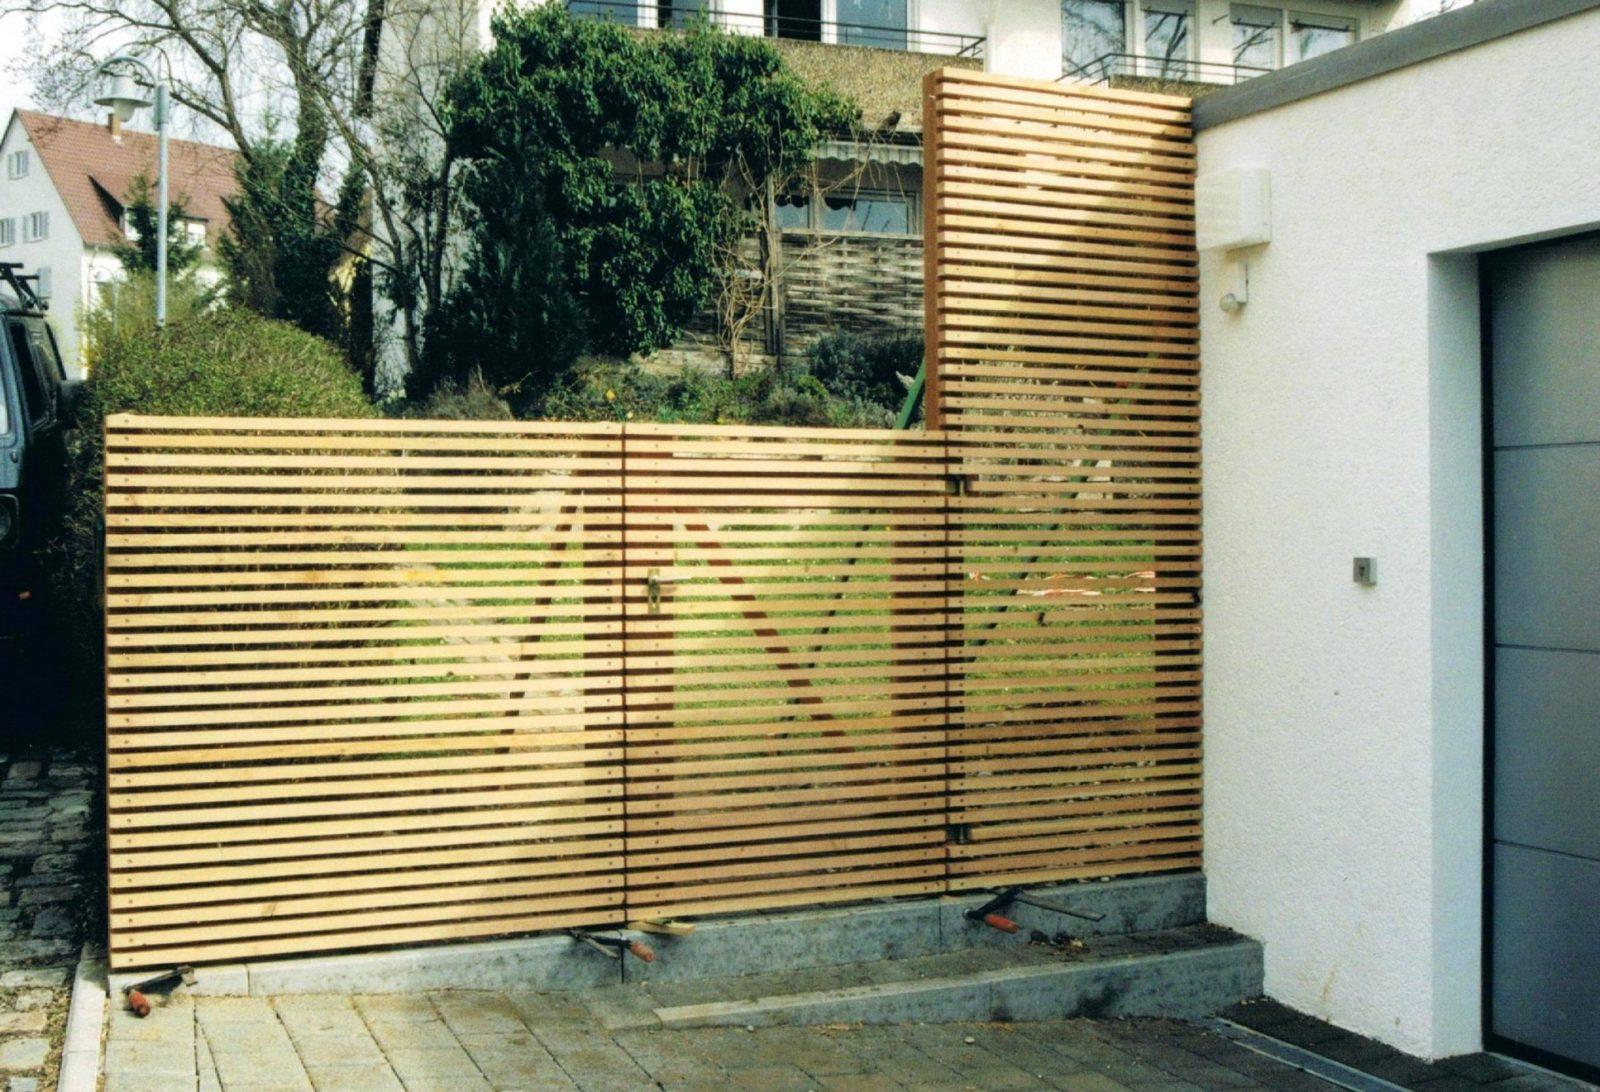 Holz Gartentor Weidetor Douglasie Holland Stil Selber Bauen Von Für von Gartentor Aus Holz Selber Bauen Bild